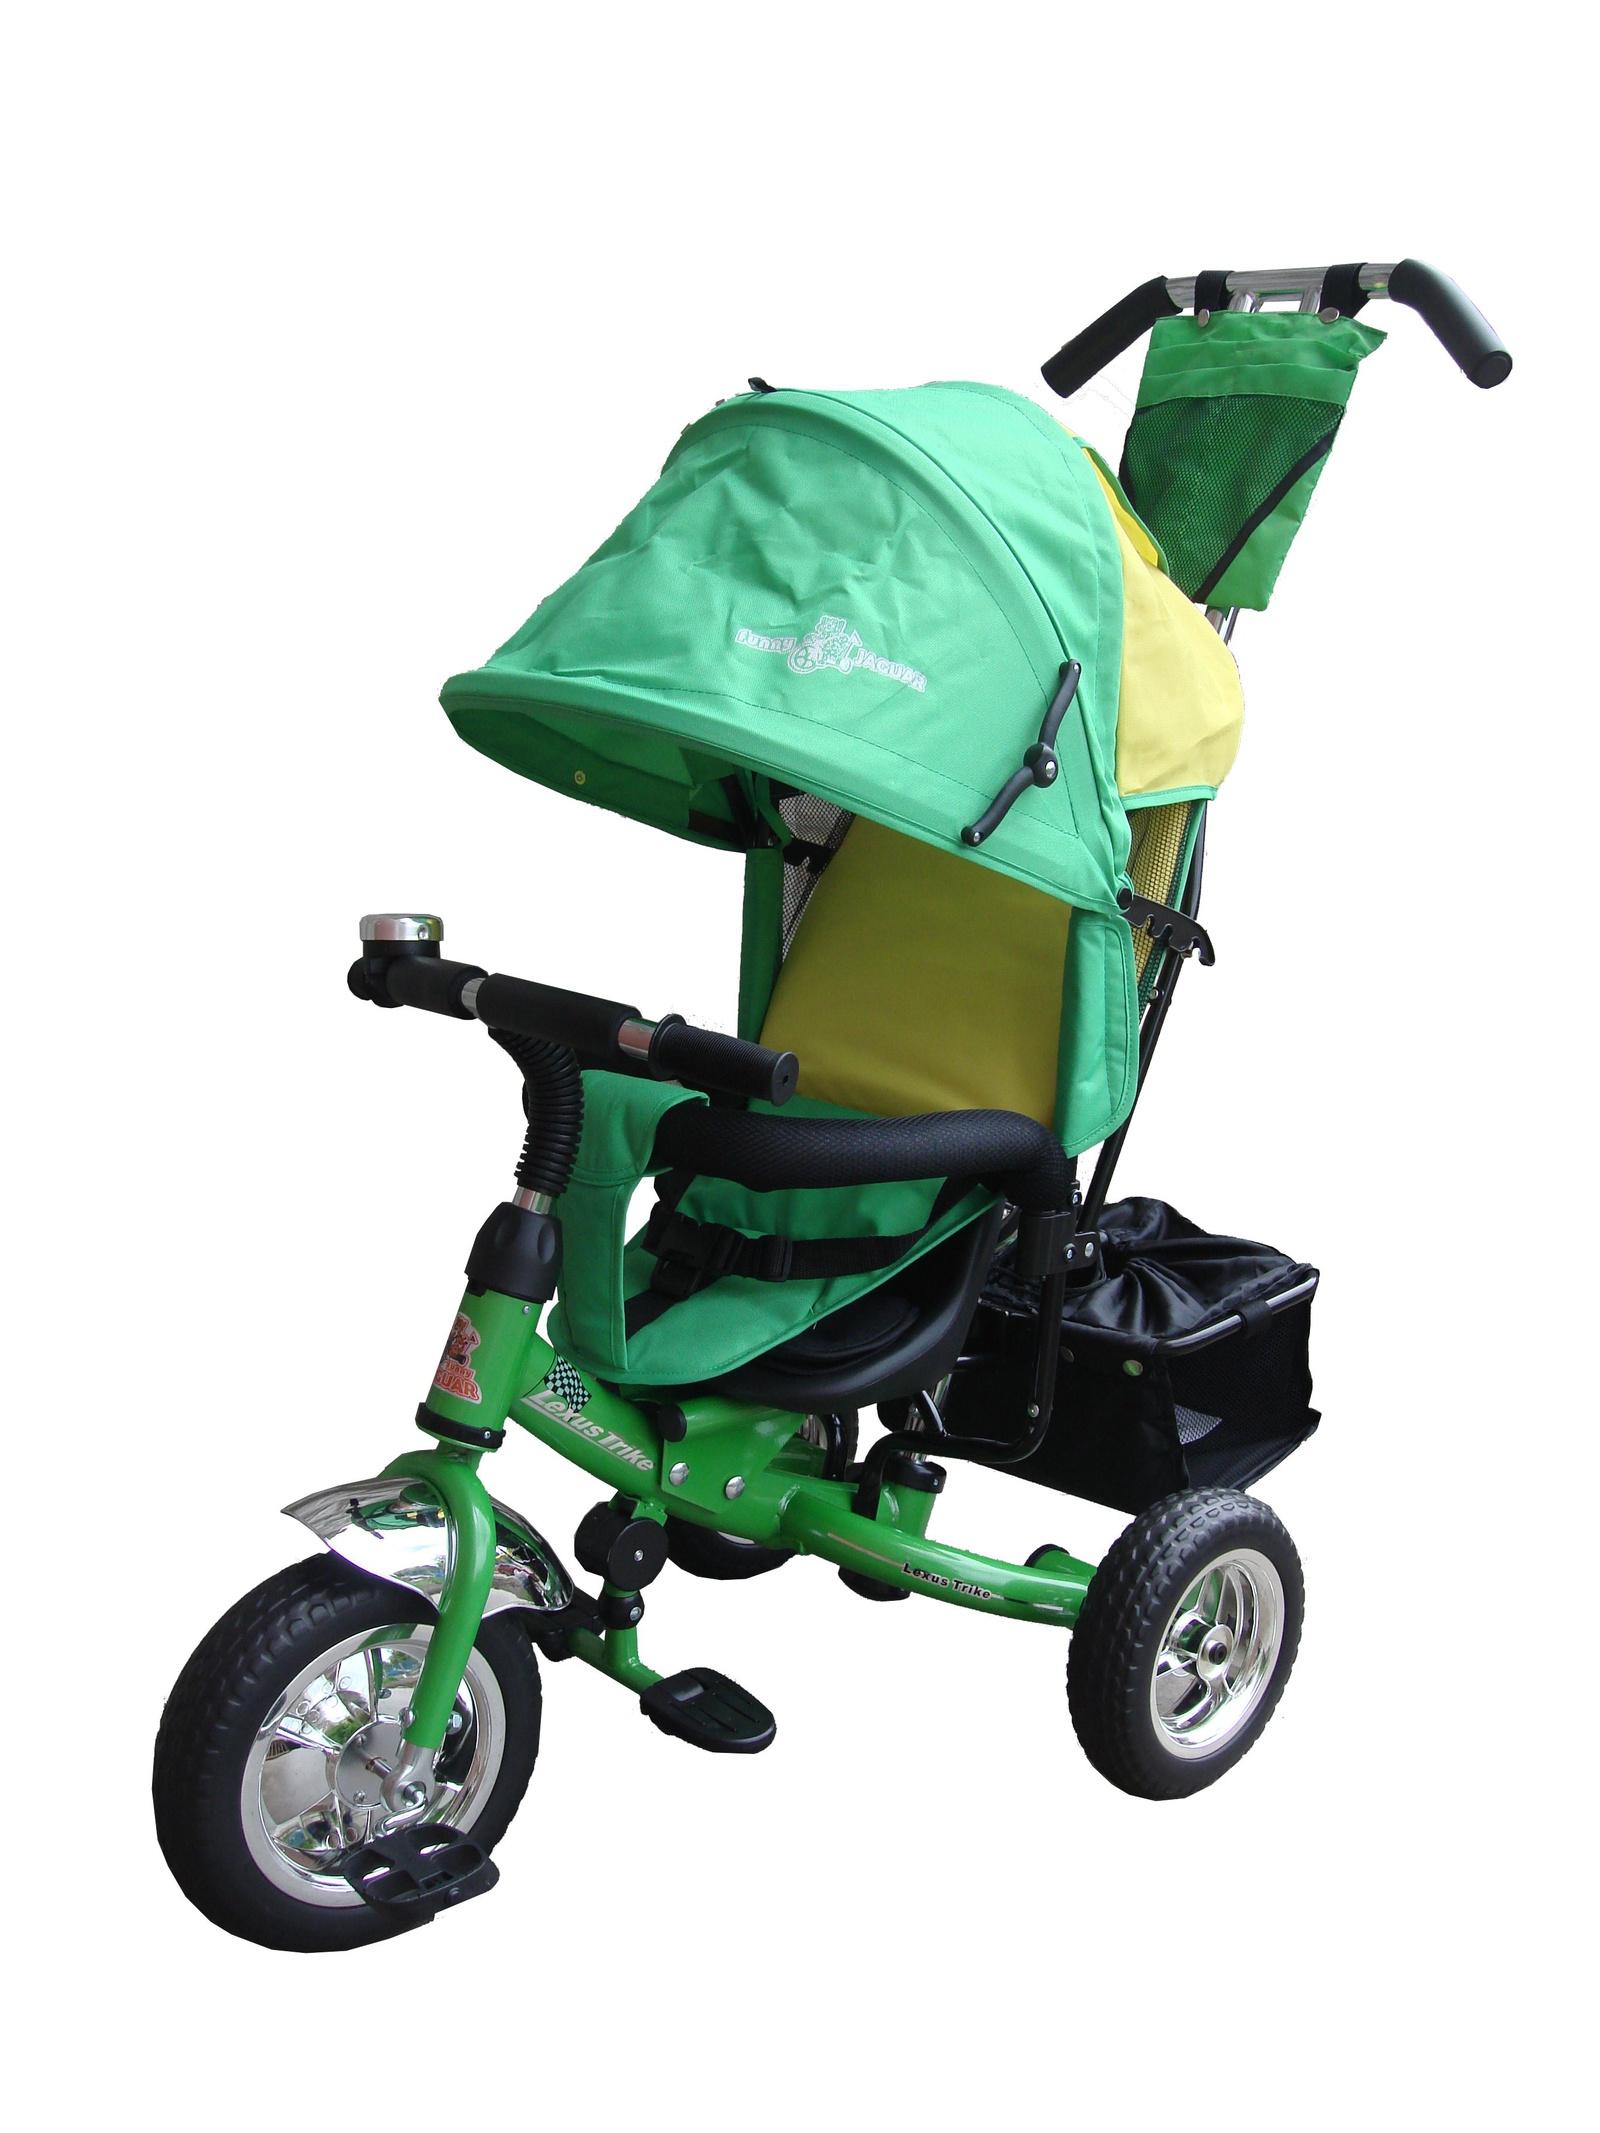 Велосипед Lexus Trike MS-0521, зеленый трехколесный велосипед lexus trike next pro ms 0521 зеленый